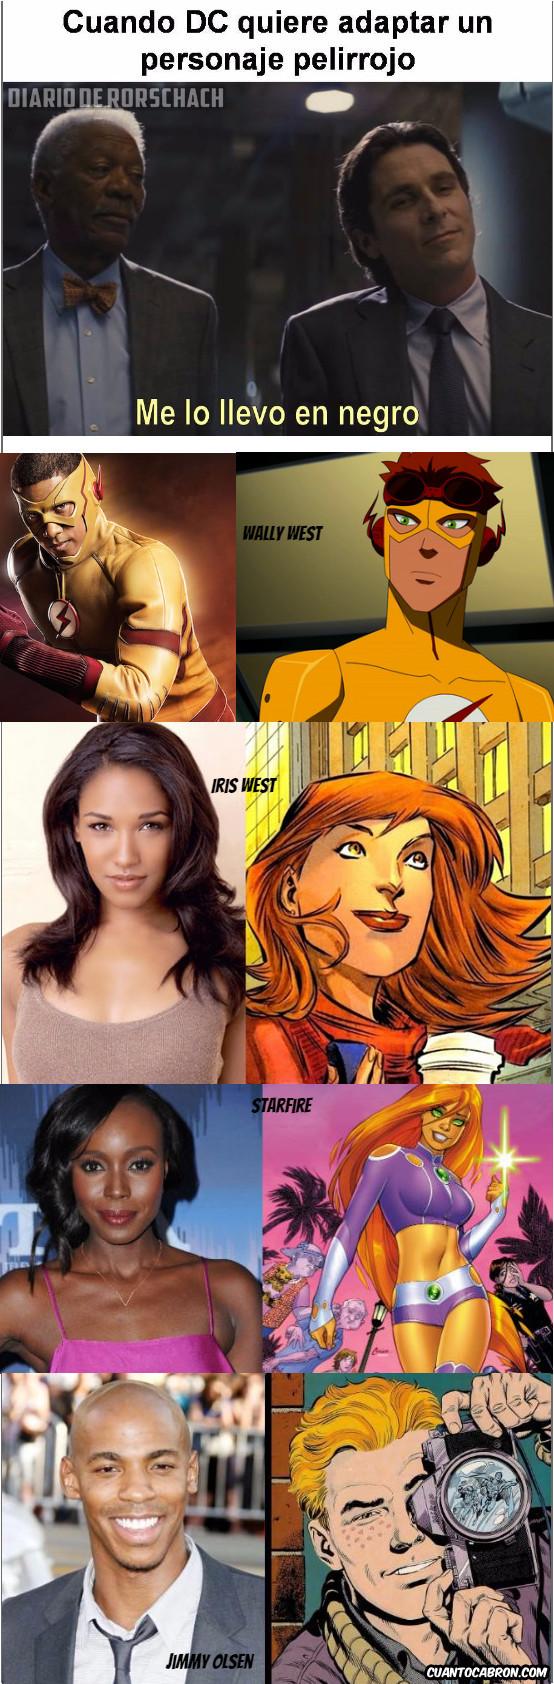 Otros - DC y los actores pelirrojos